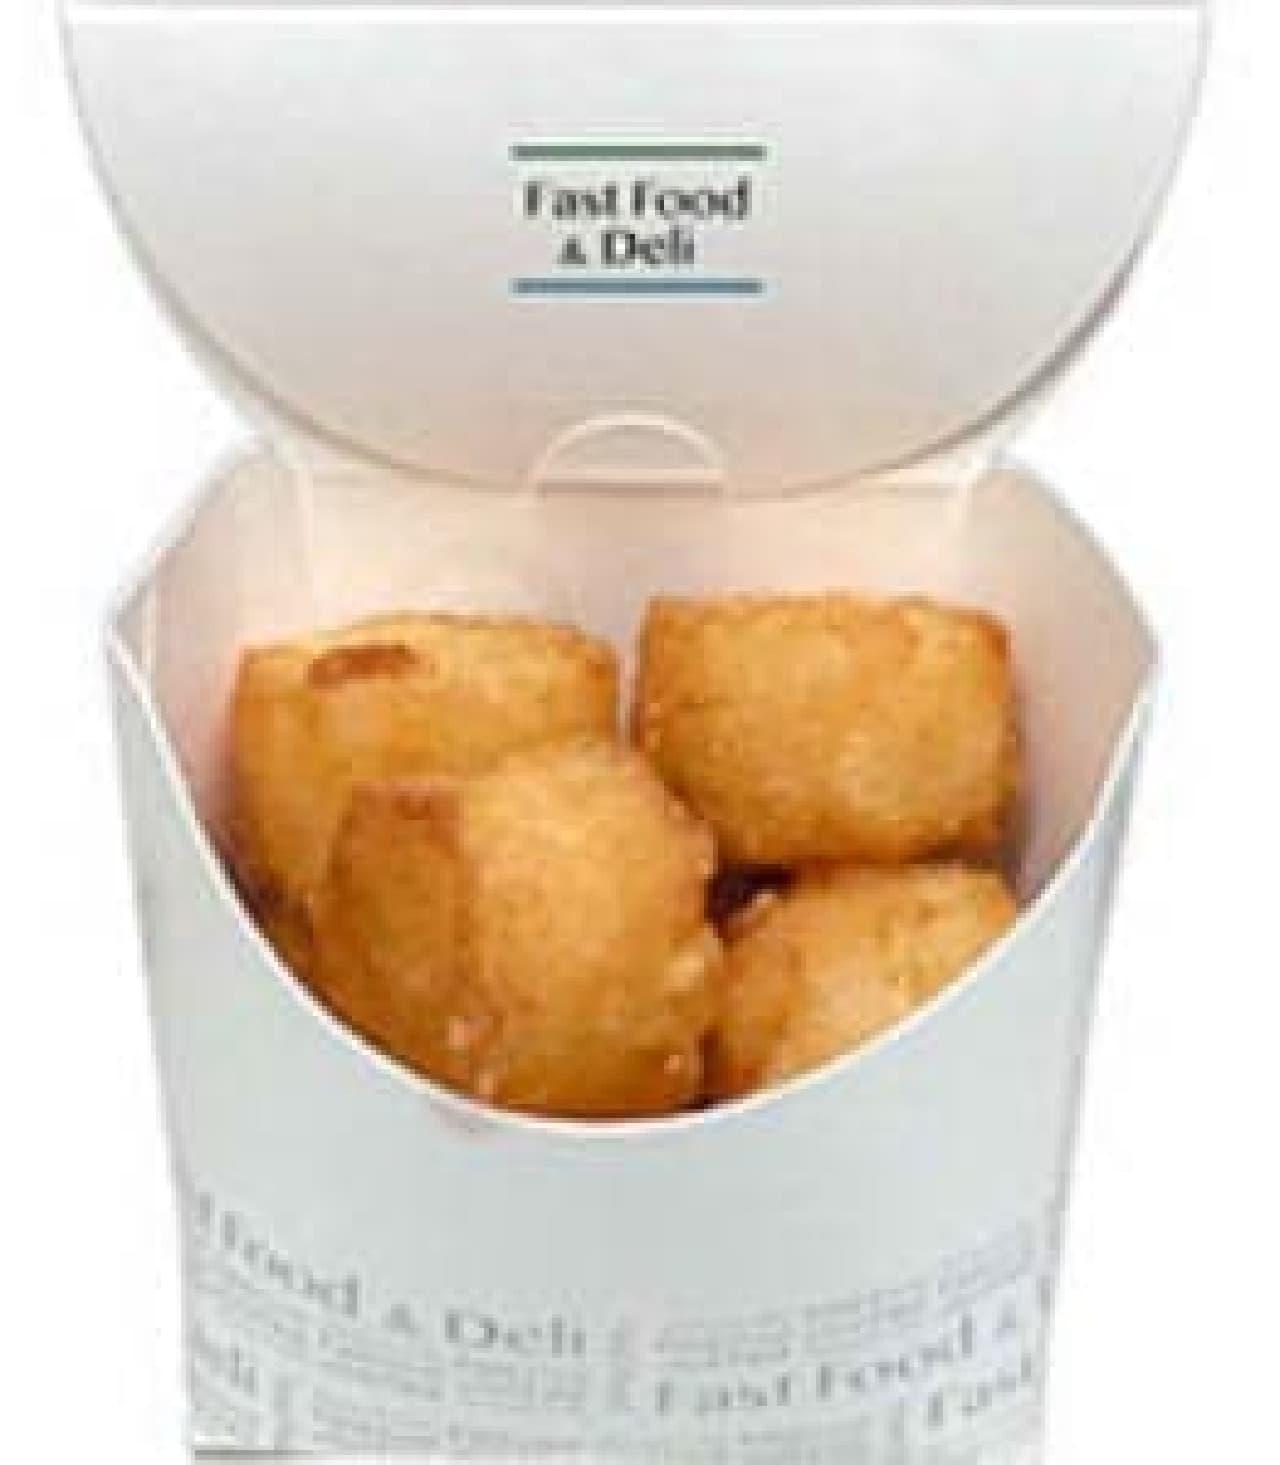 ファミマ「ミニポテチーズ」